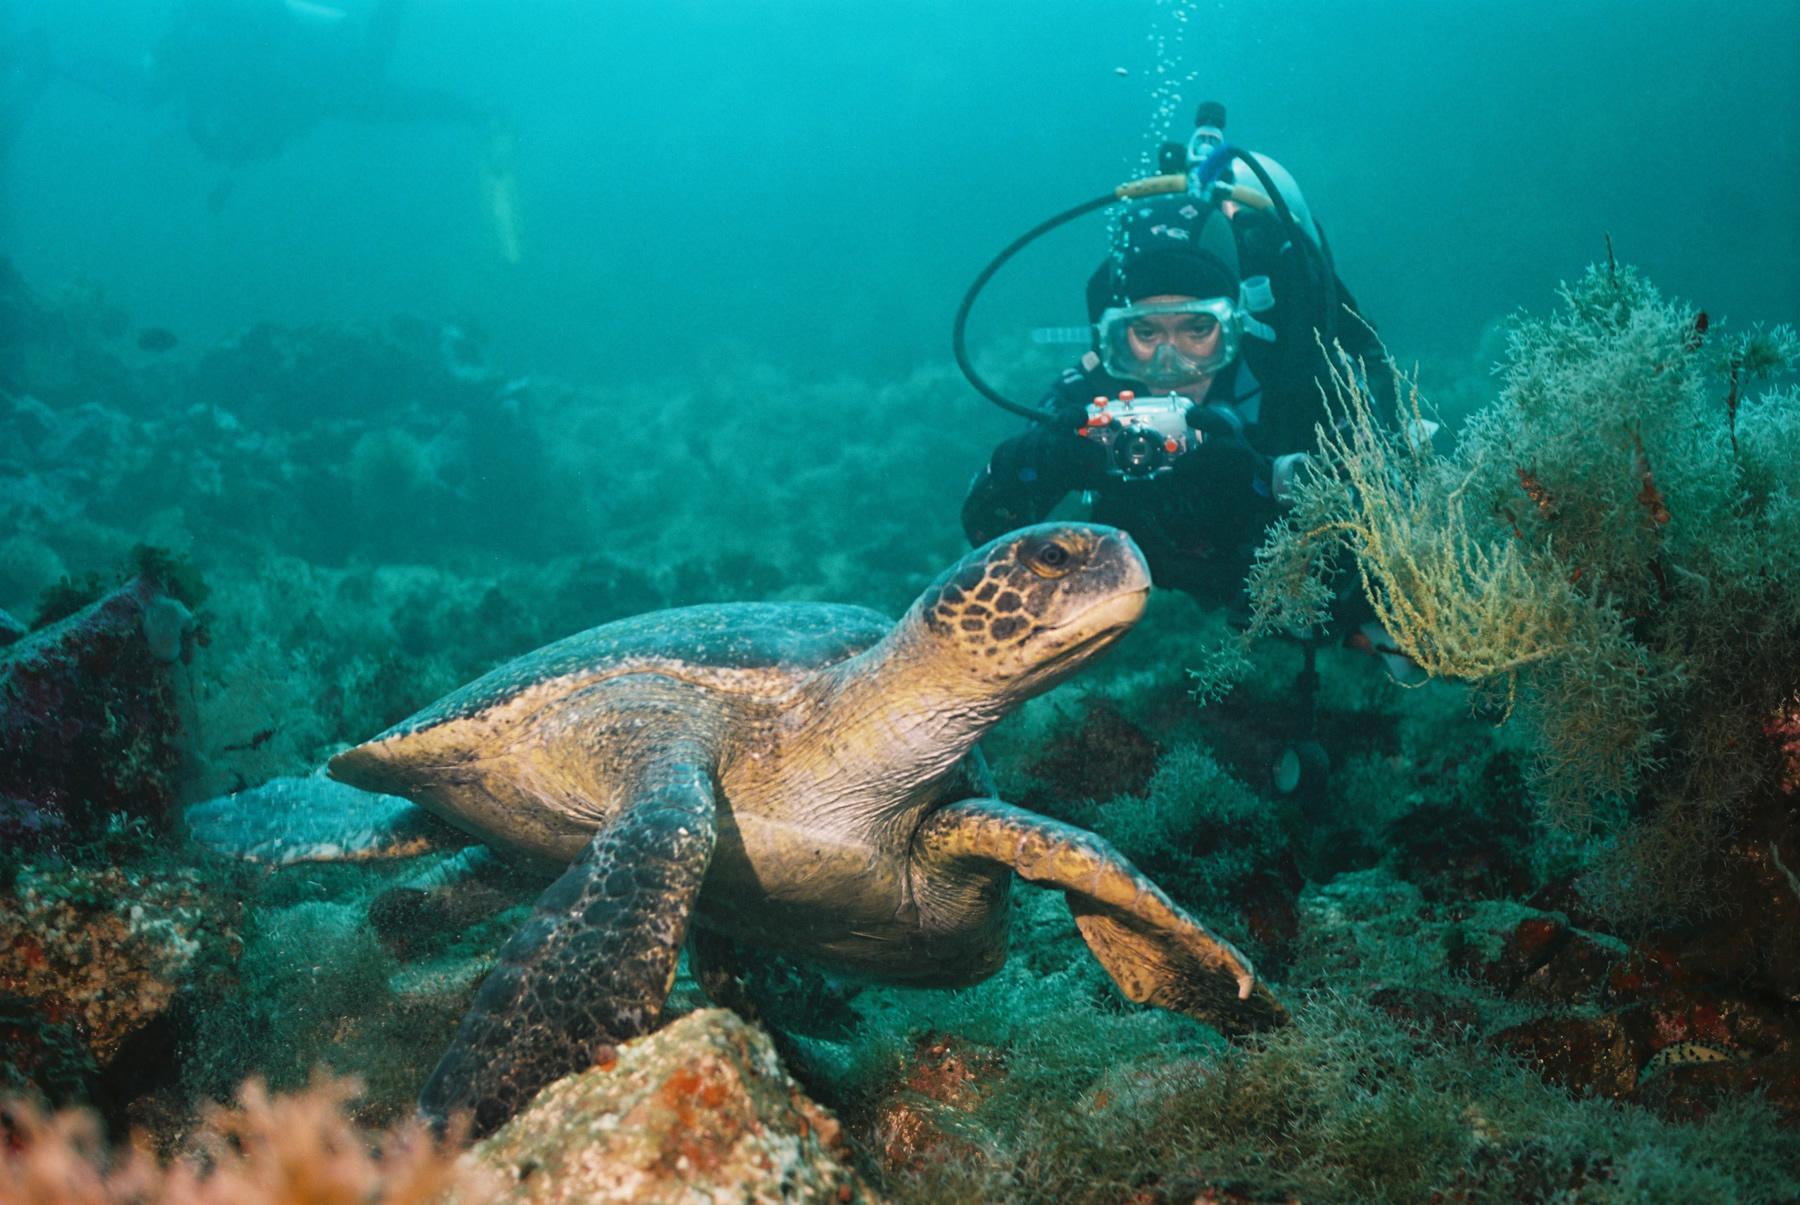 Taucher mit Schildkröte